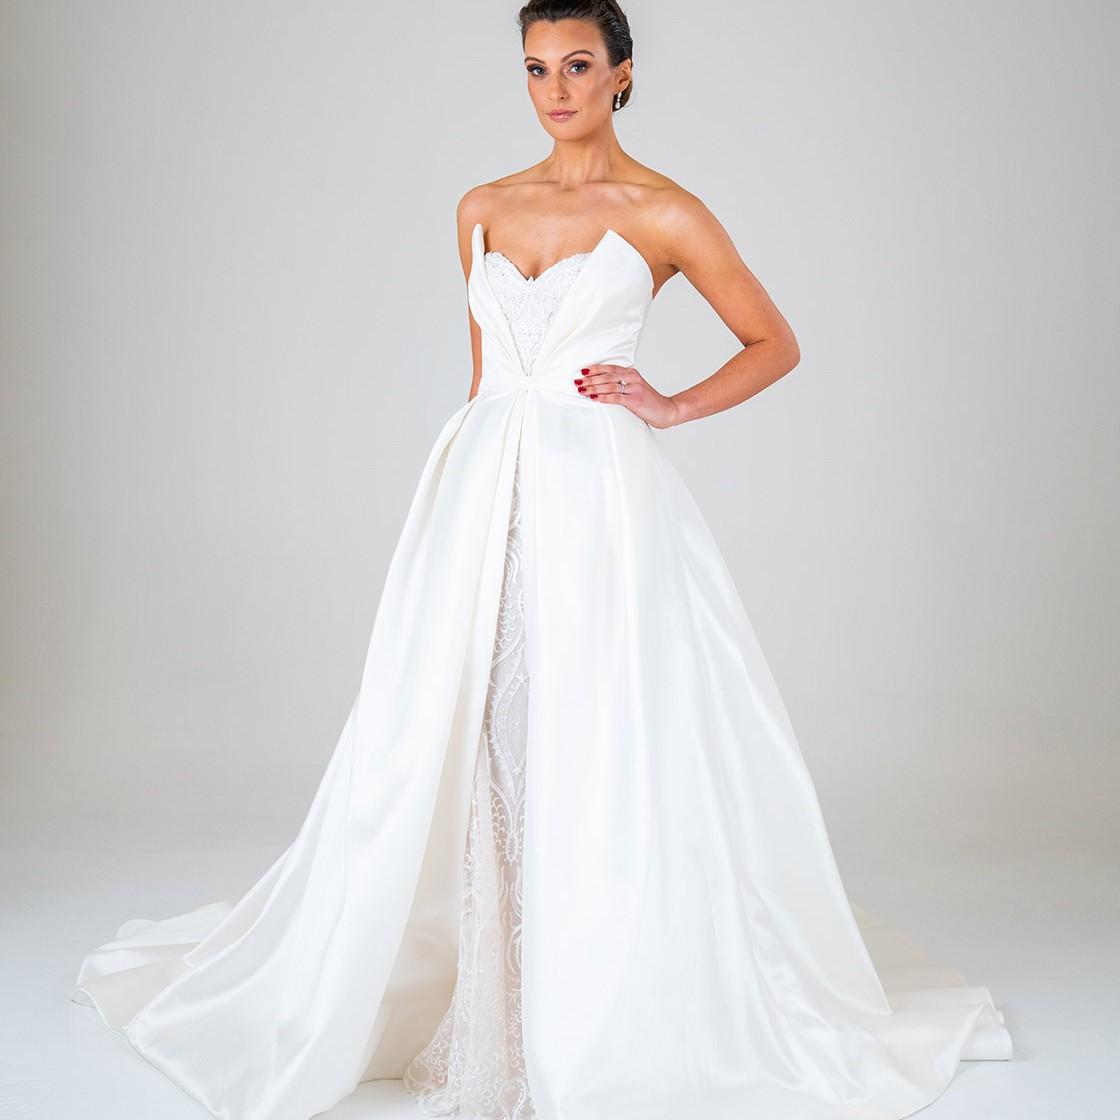 Aurora wedding dress front